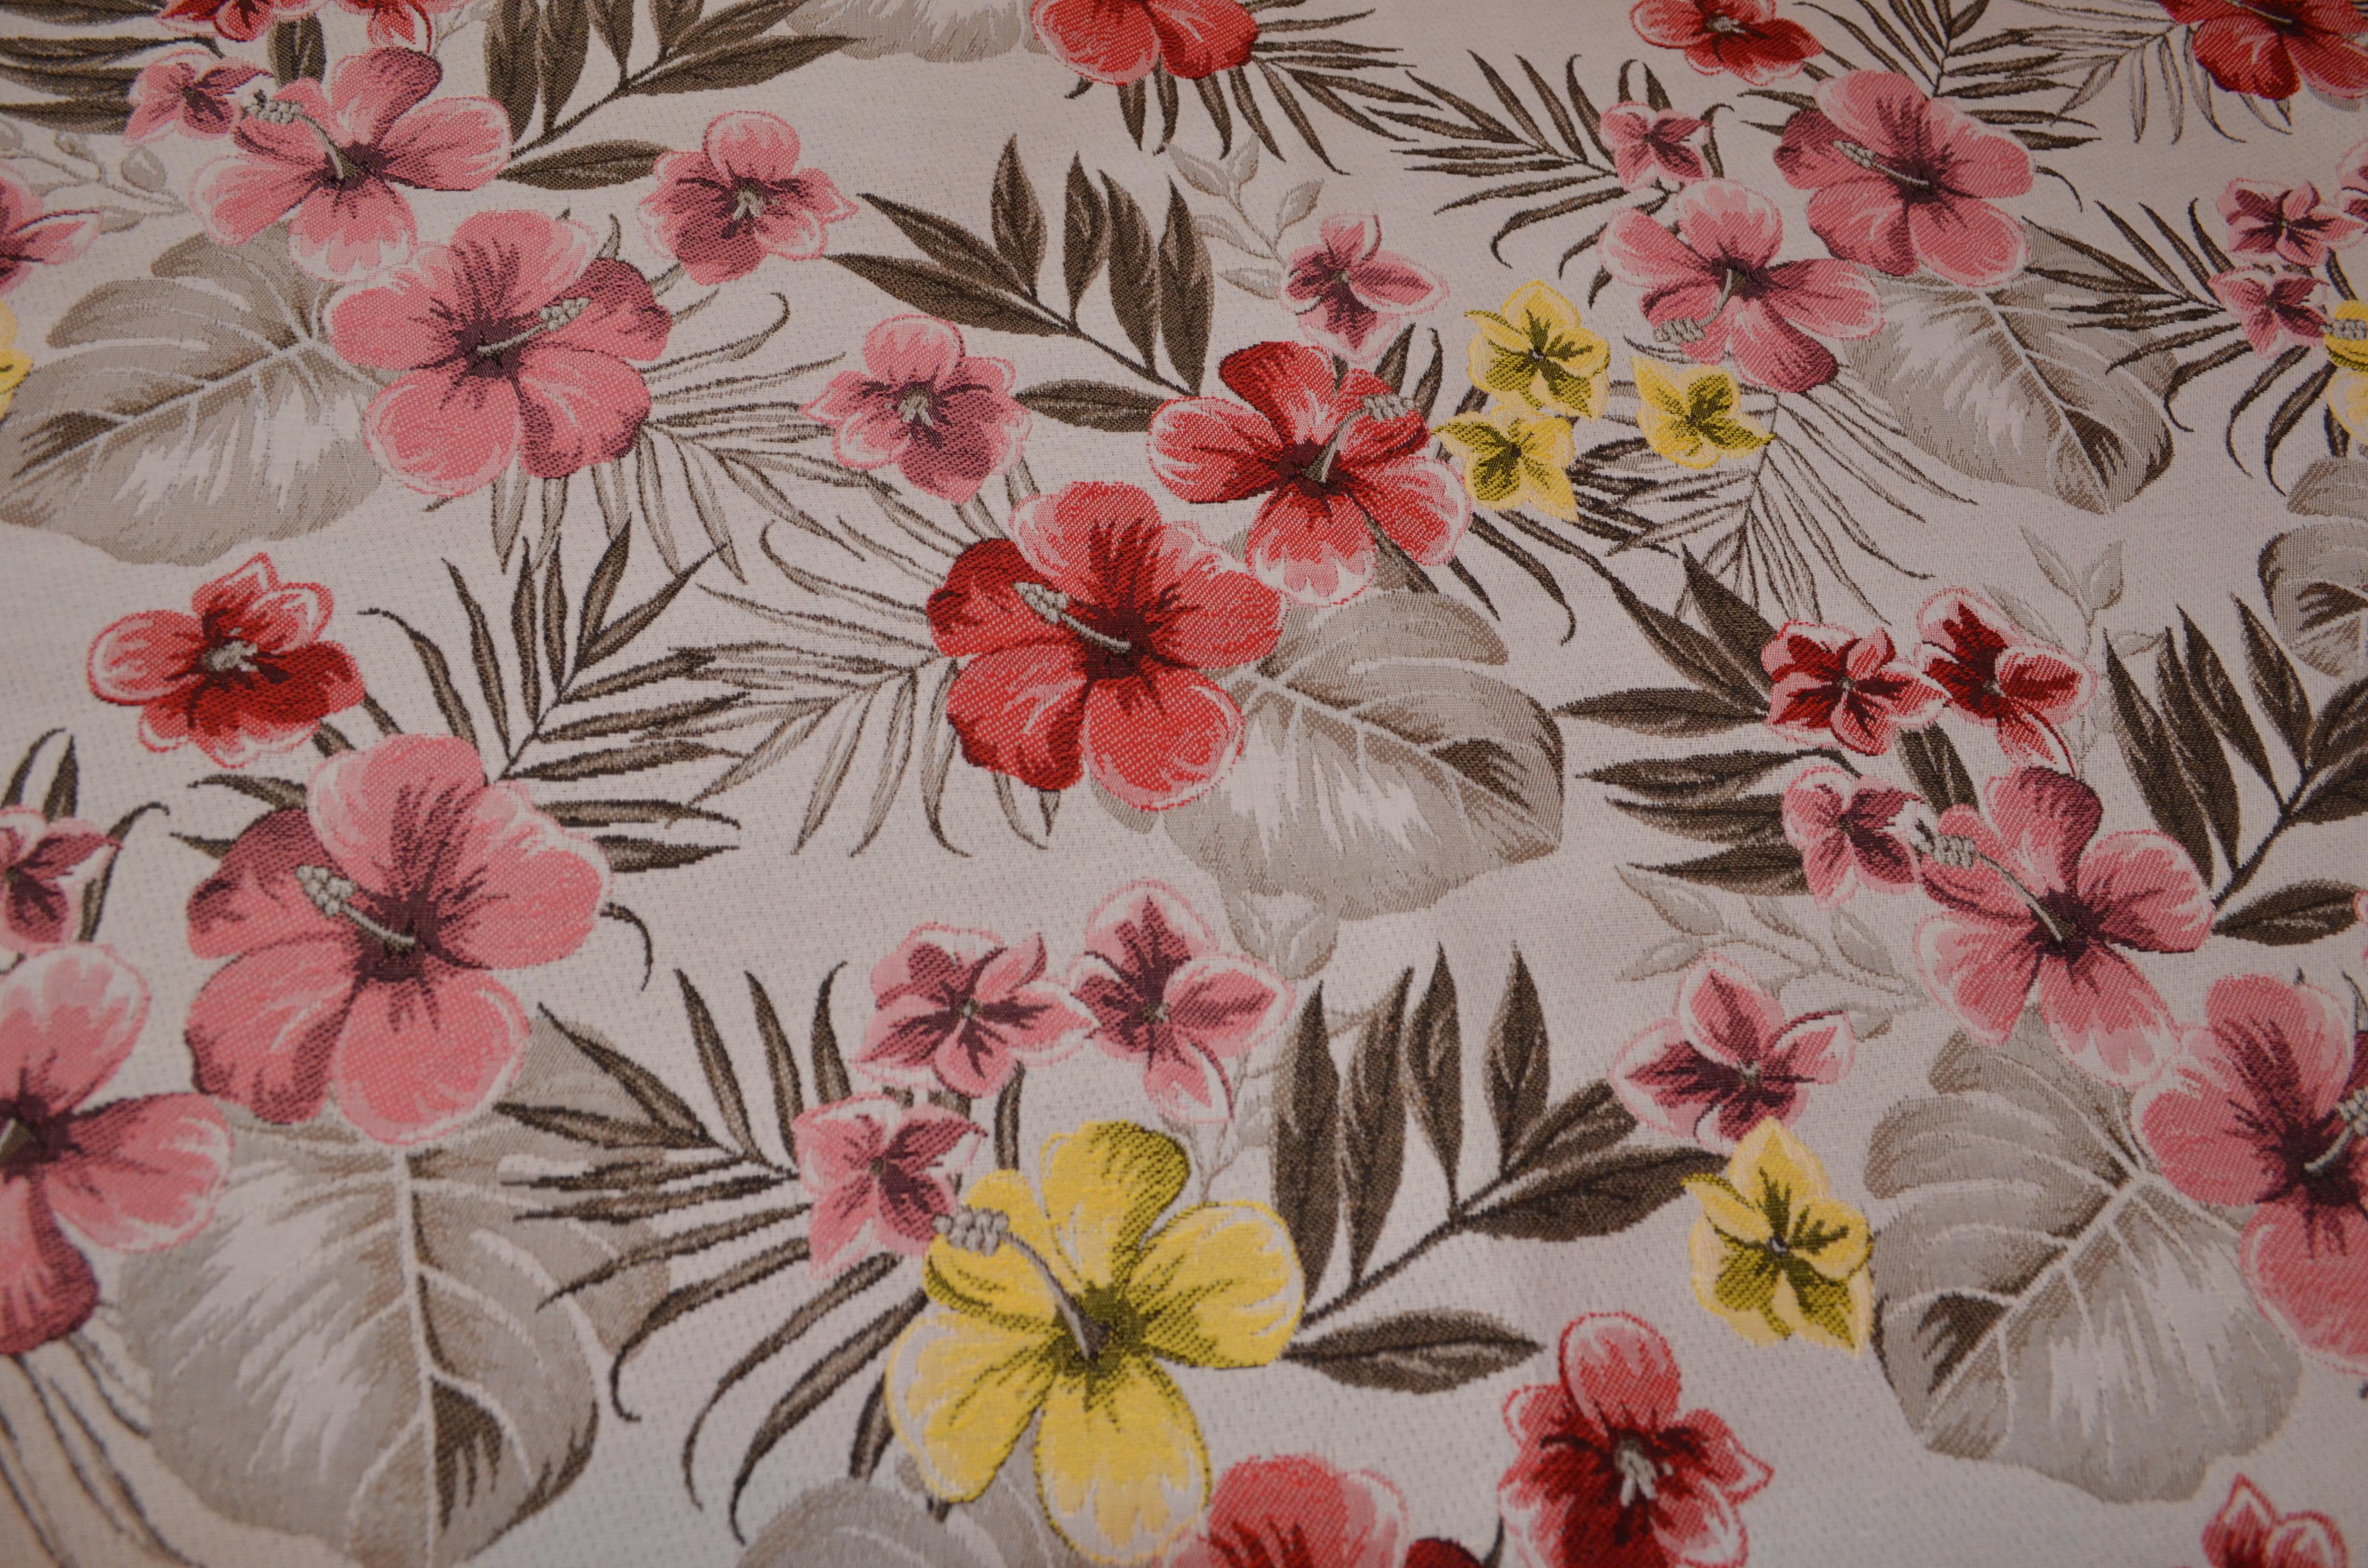 Fleurs_rétro